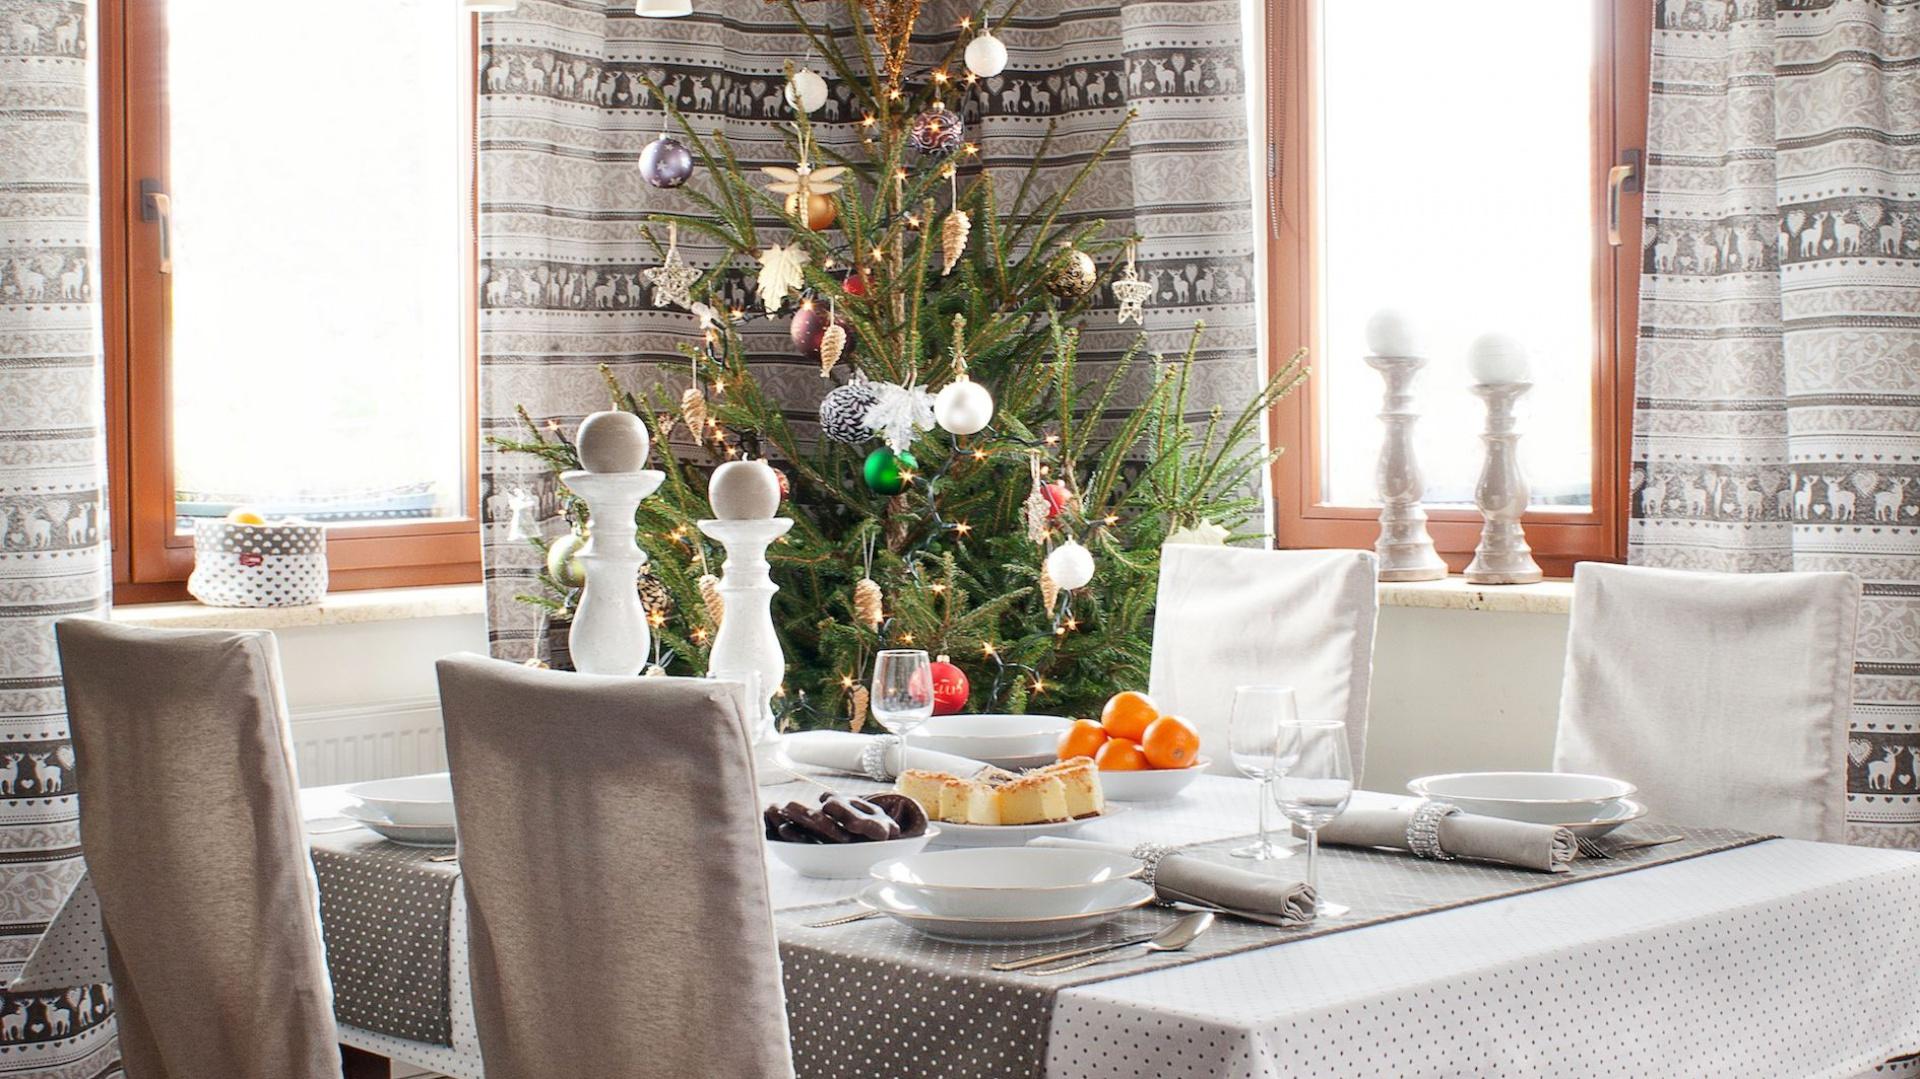 W tej aranżacji króluje śnieżnobiała biel. Biała jest porcelana, narzuty na krzesła, a nawet świeczniki! Dominującą biel przełamują dwa bieżniki w delikatnej szarości. Fot. Dekoria.